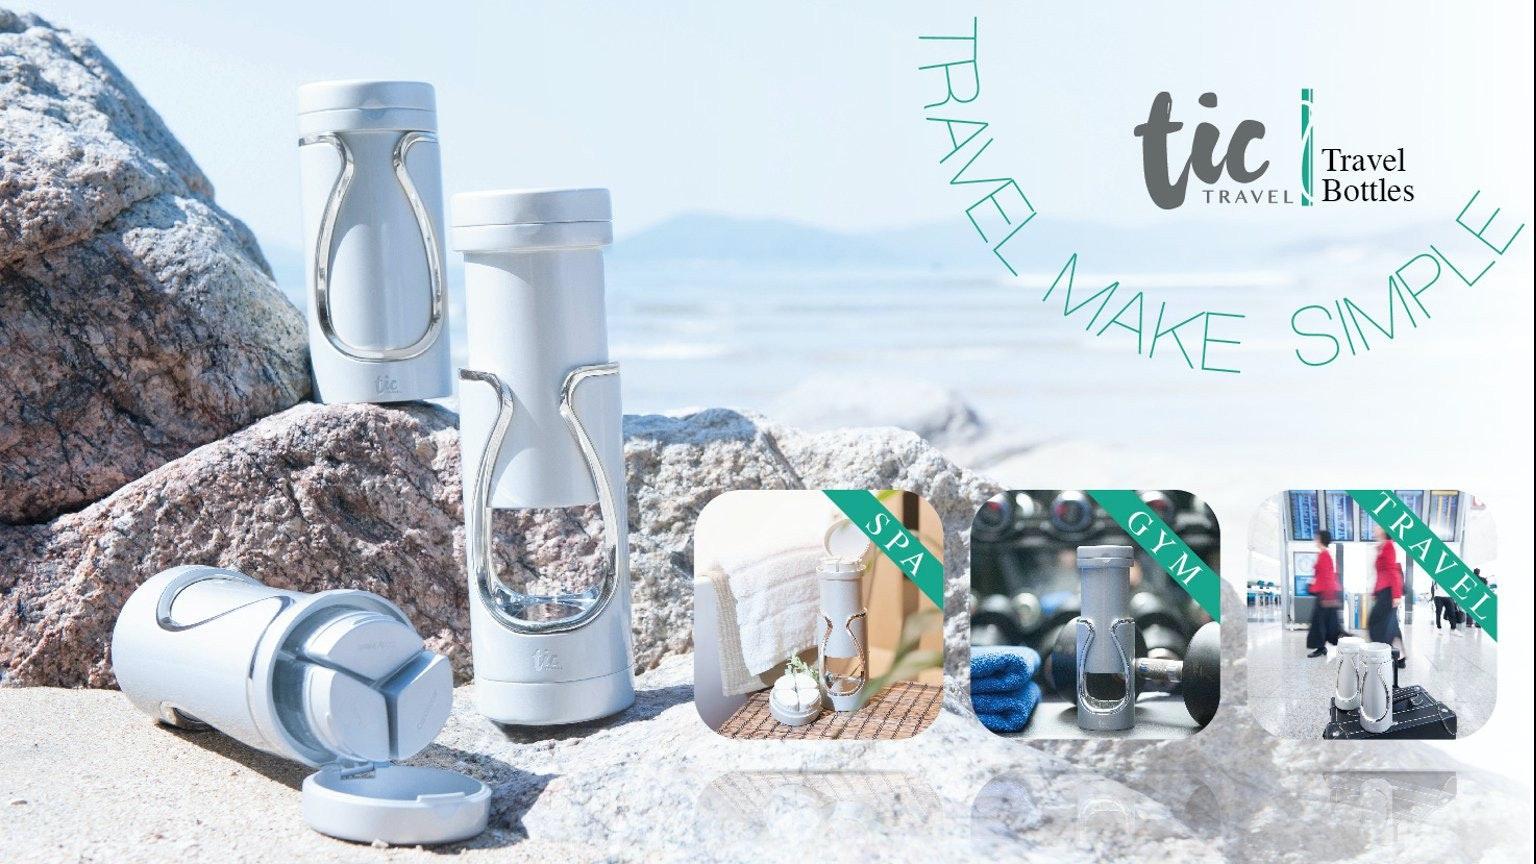 是方便易攜的保養品旅行瓶這篇文章的首圖